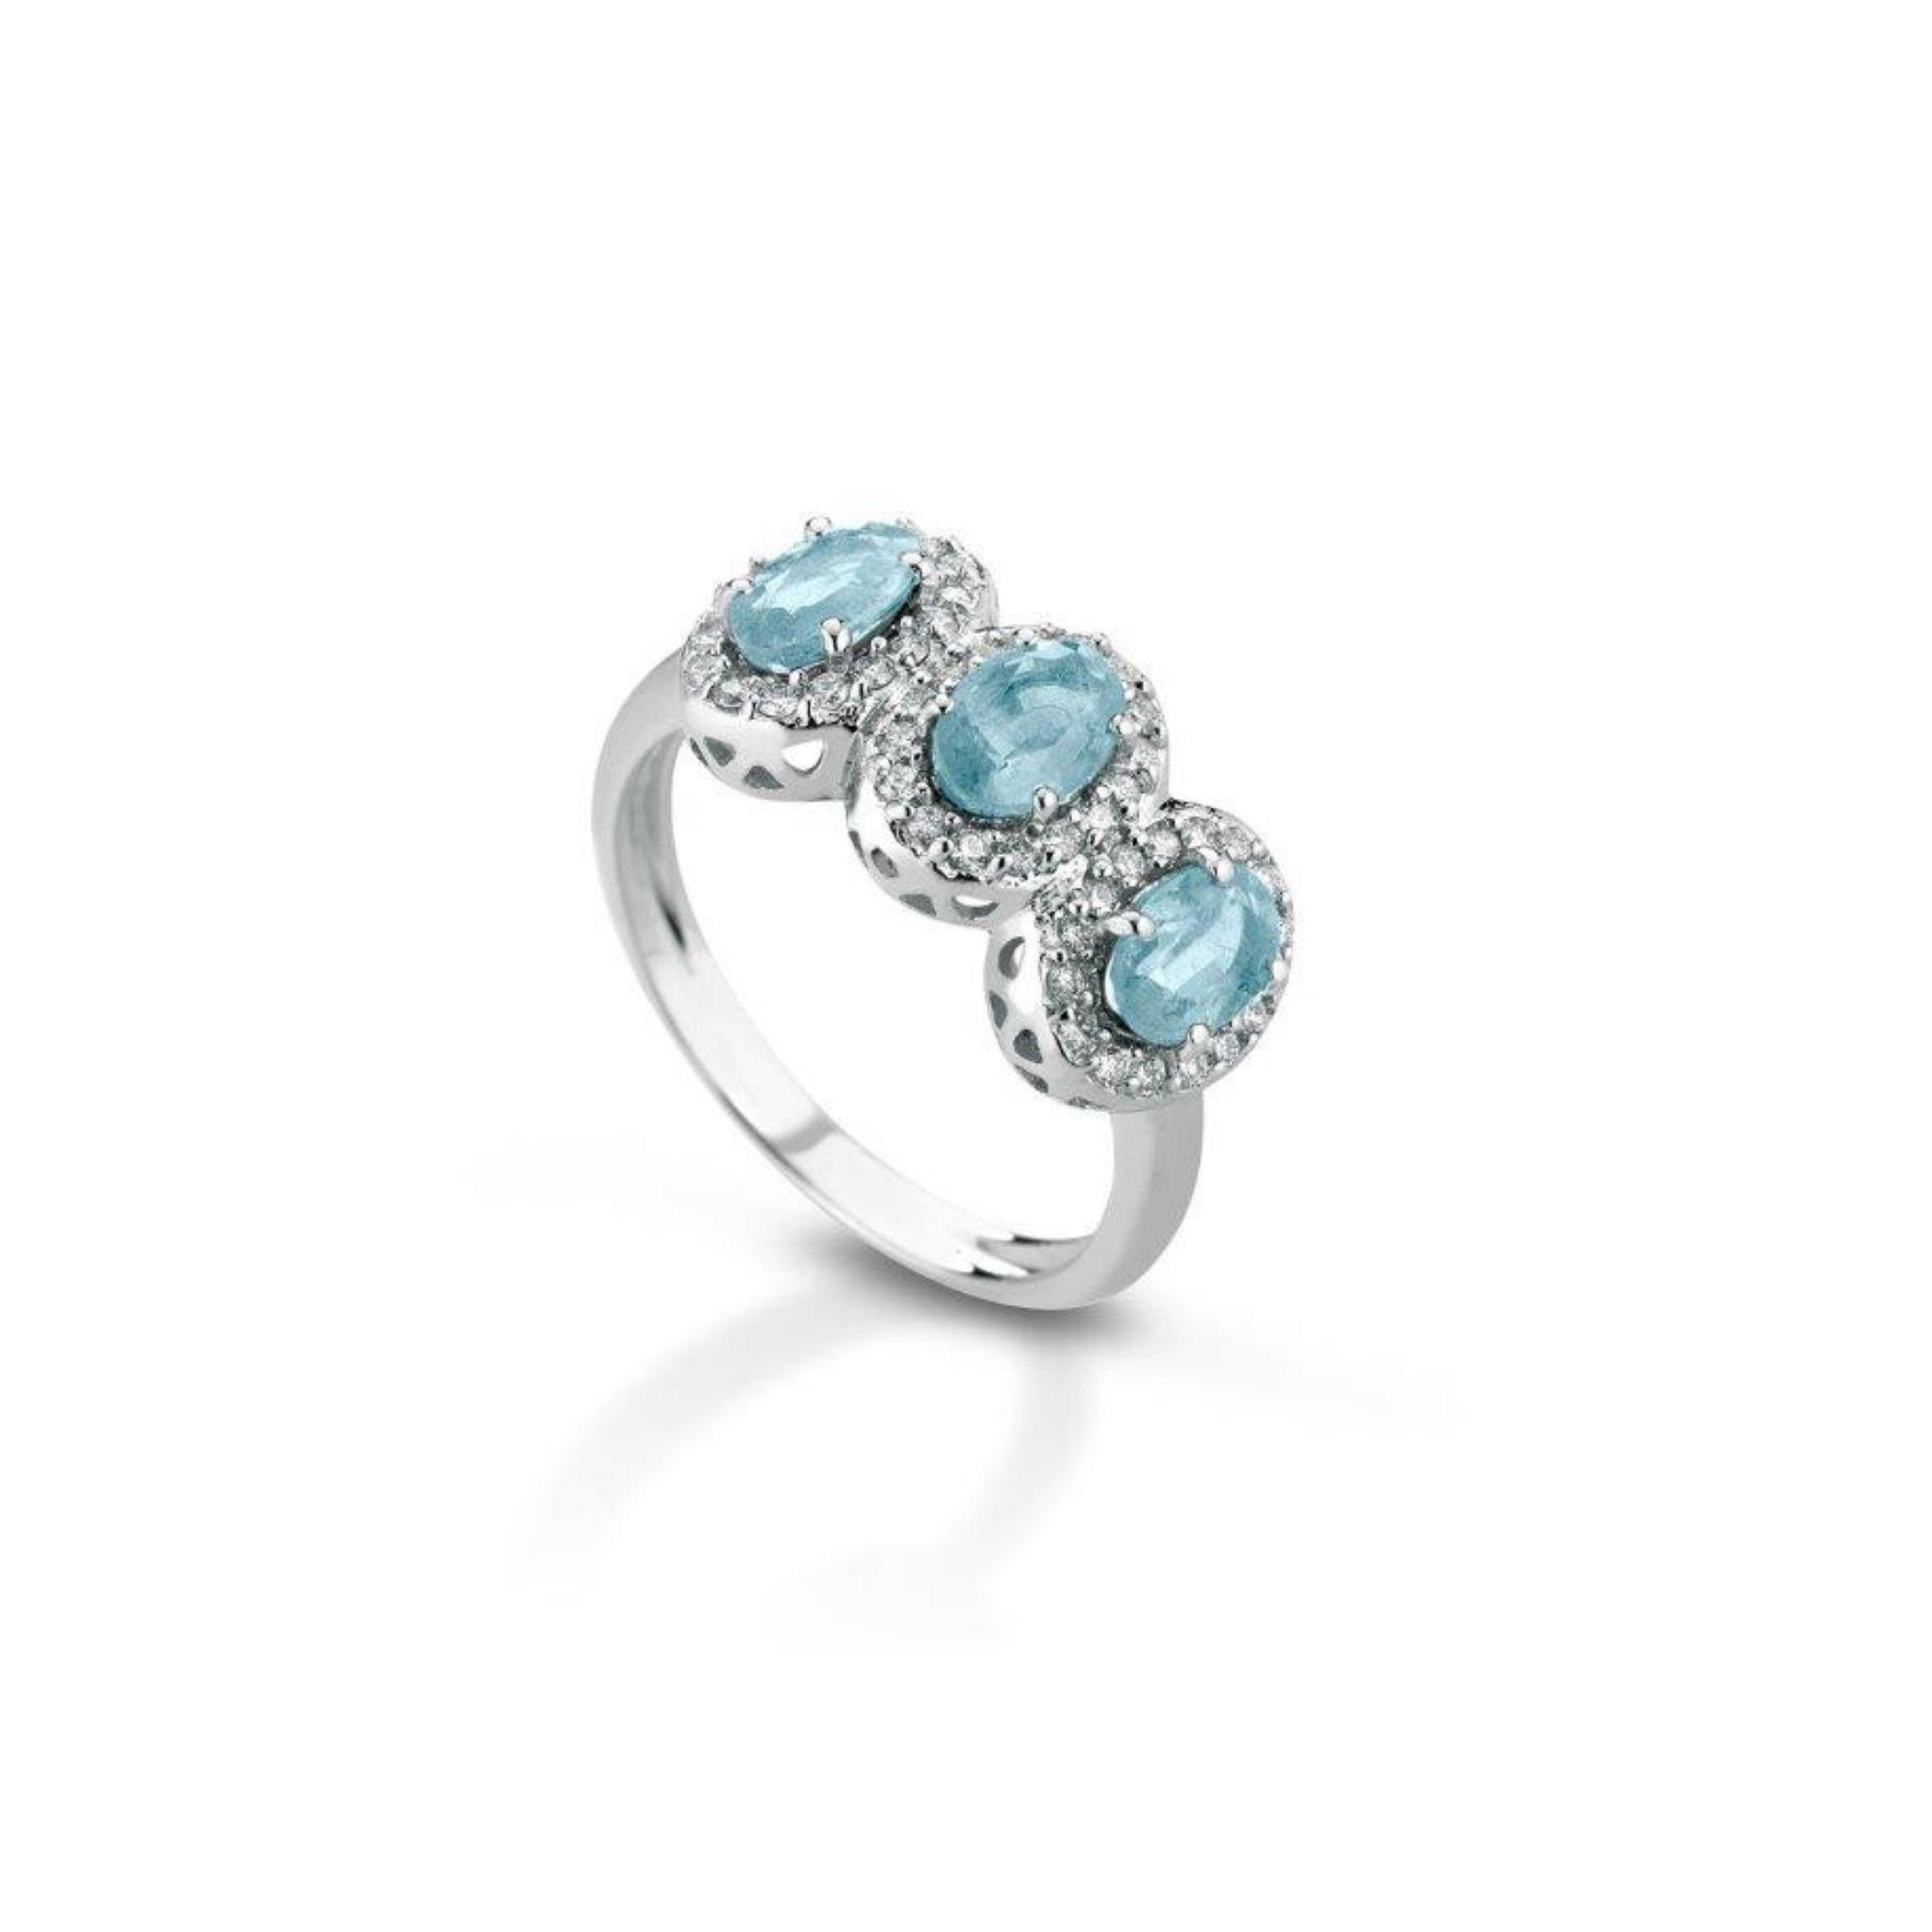 Anello trilogy con diamanti e acquamarine